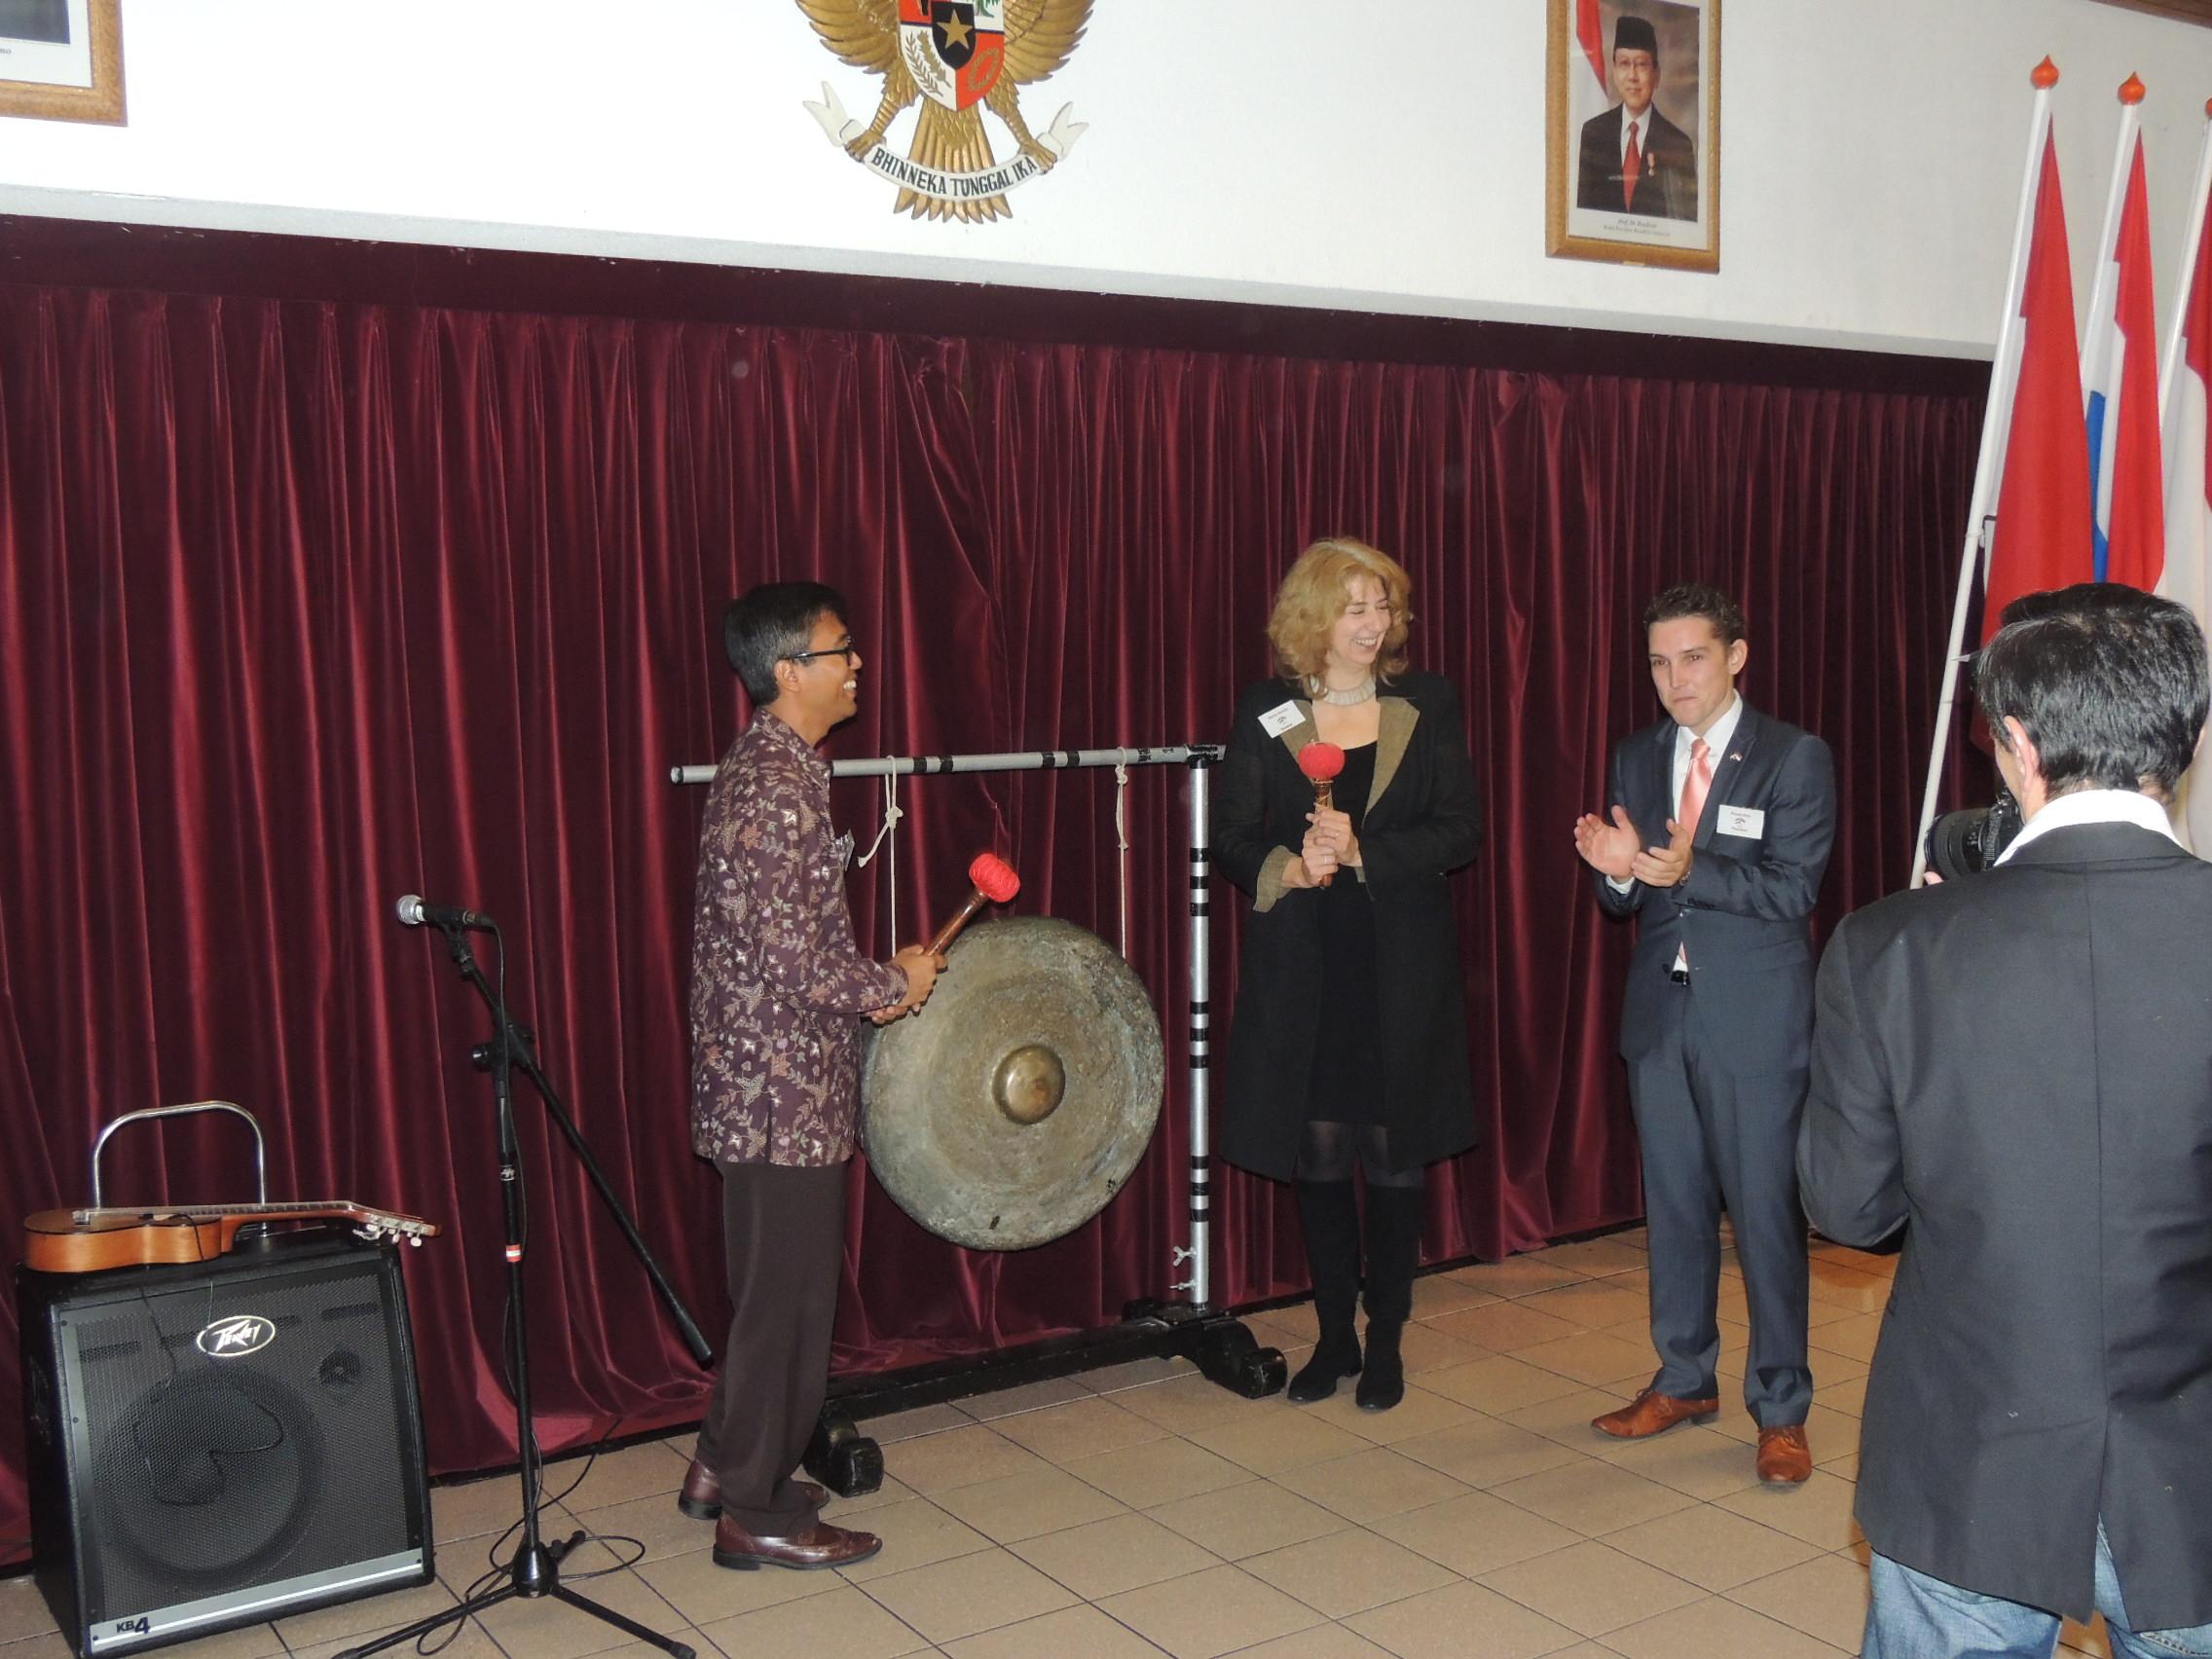 Het slaan van de gong door de heer Witjaksono Adji, Charge D'Affairs van de Indonesische ambassade, en mevrouw Marissa Gerards, van het Nederlandse ministerie van Buitenlandse Zaken